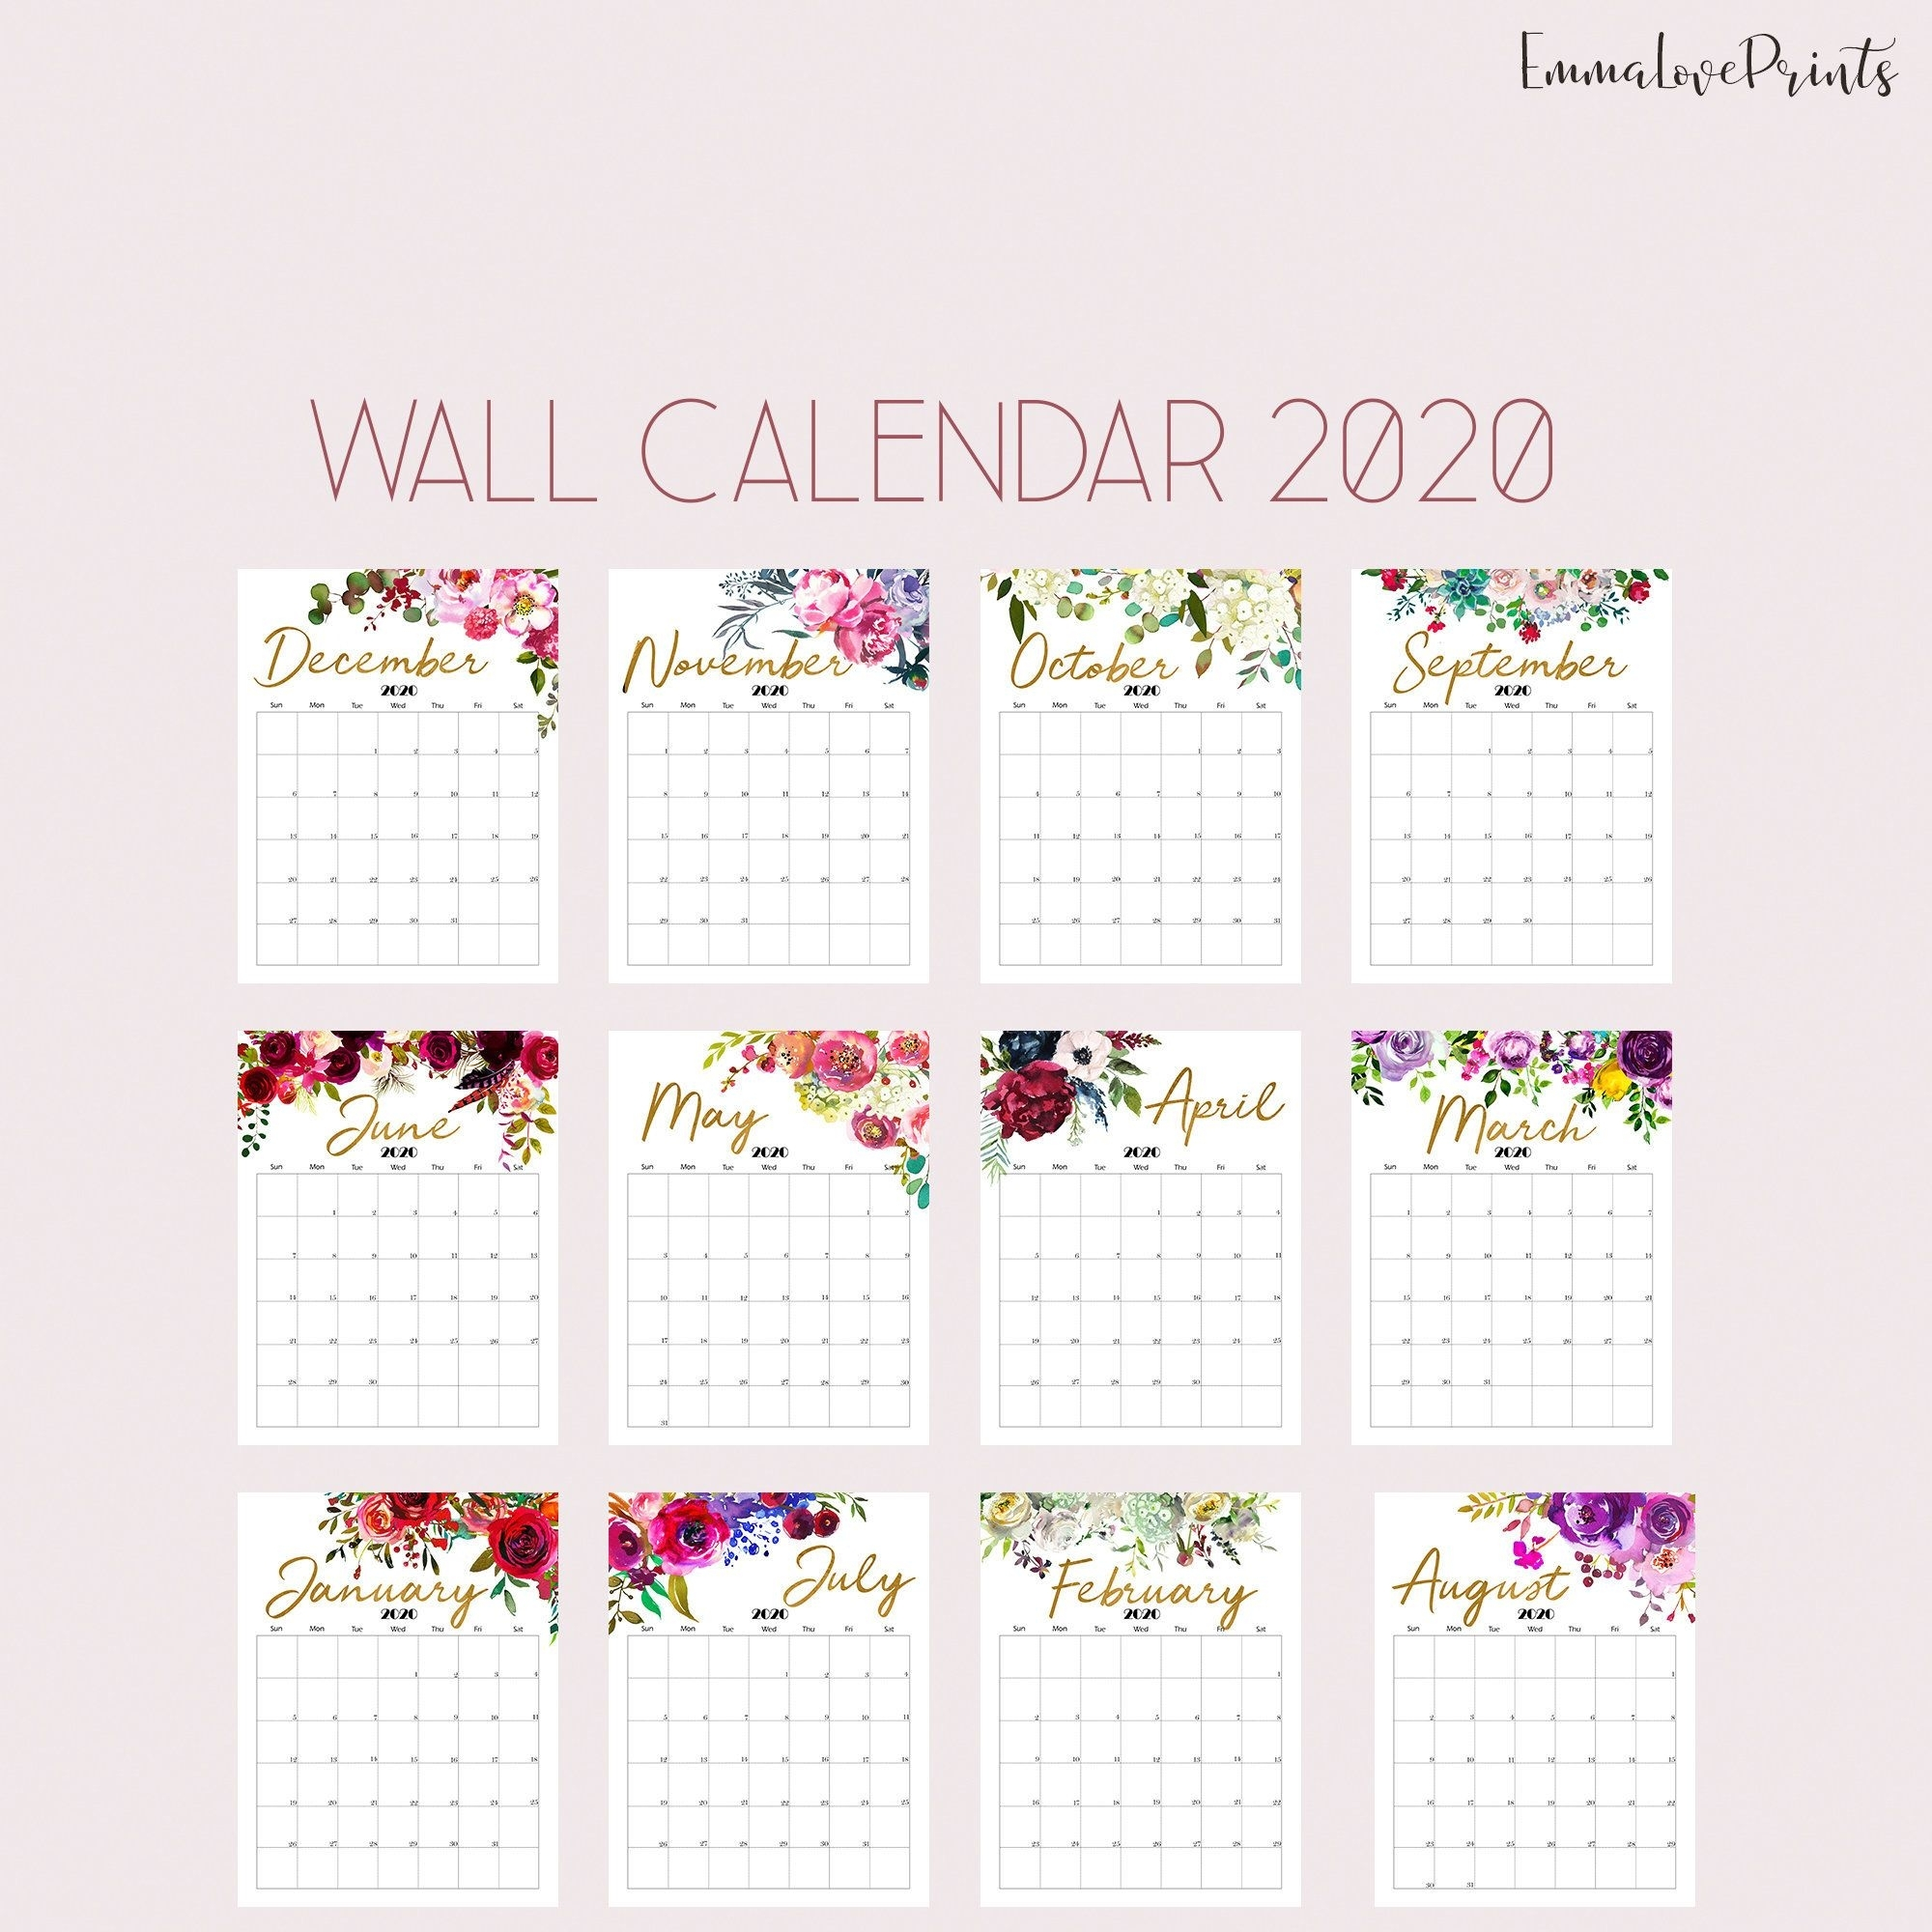 Printable Calendar 2020 Wall Calendar 2020 Desk Calendar, Floral with regard to 2020 Wall Calendar Kikki K